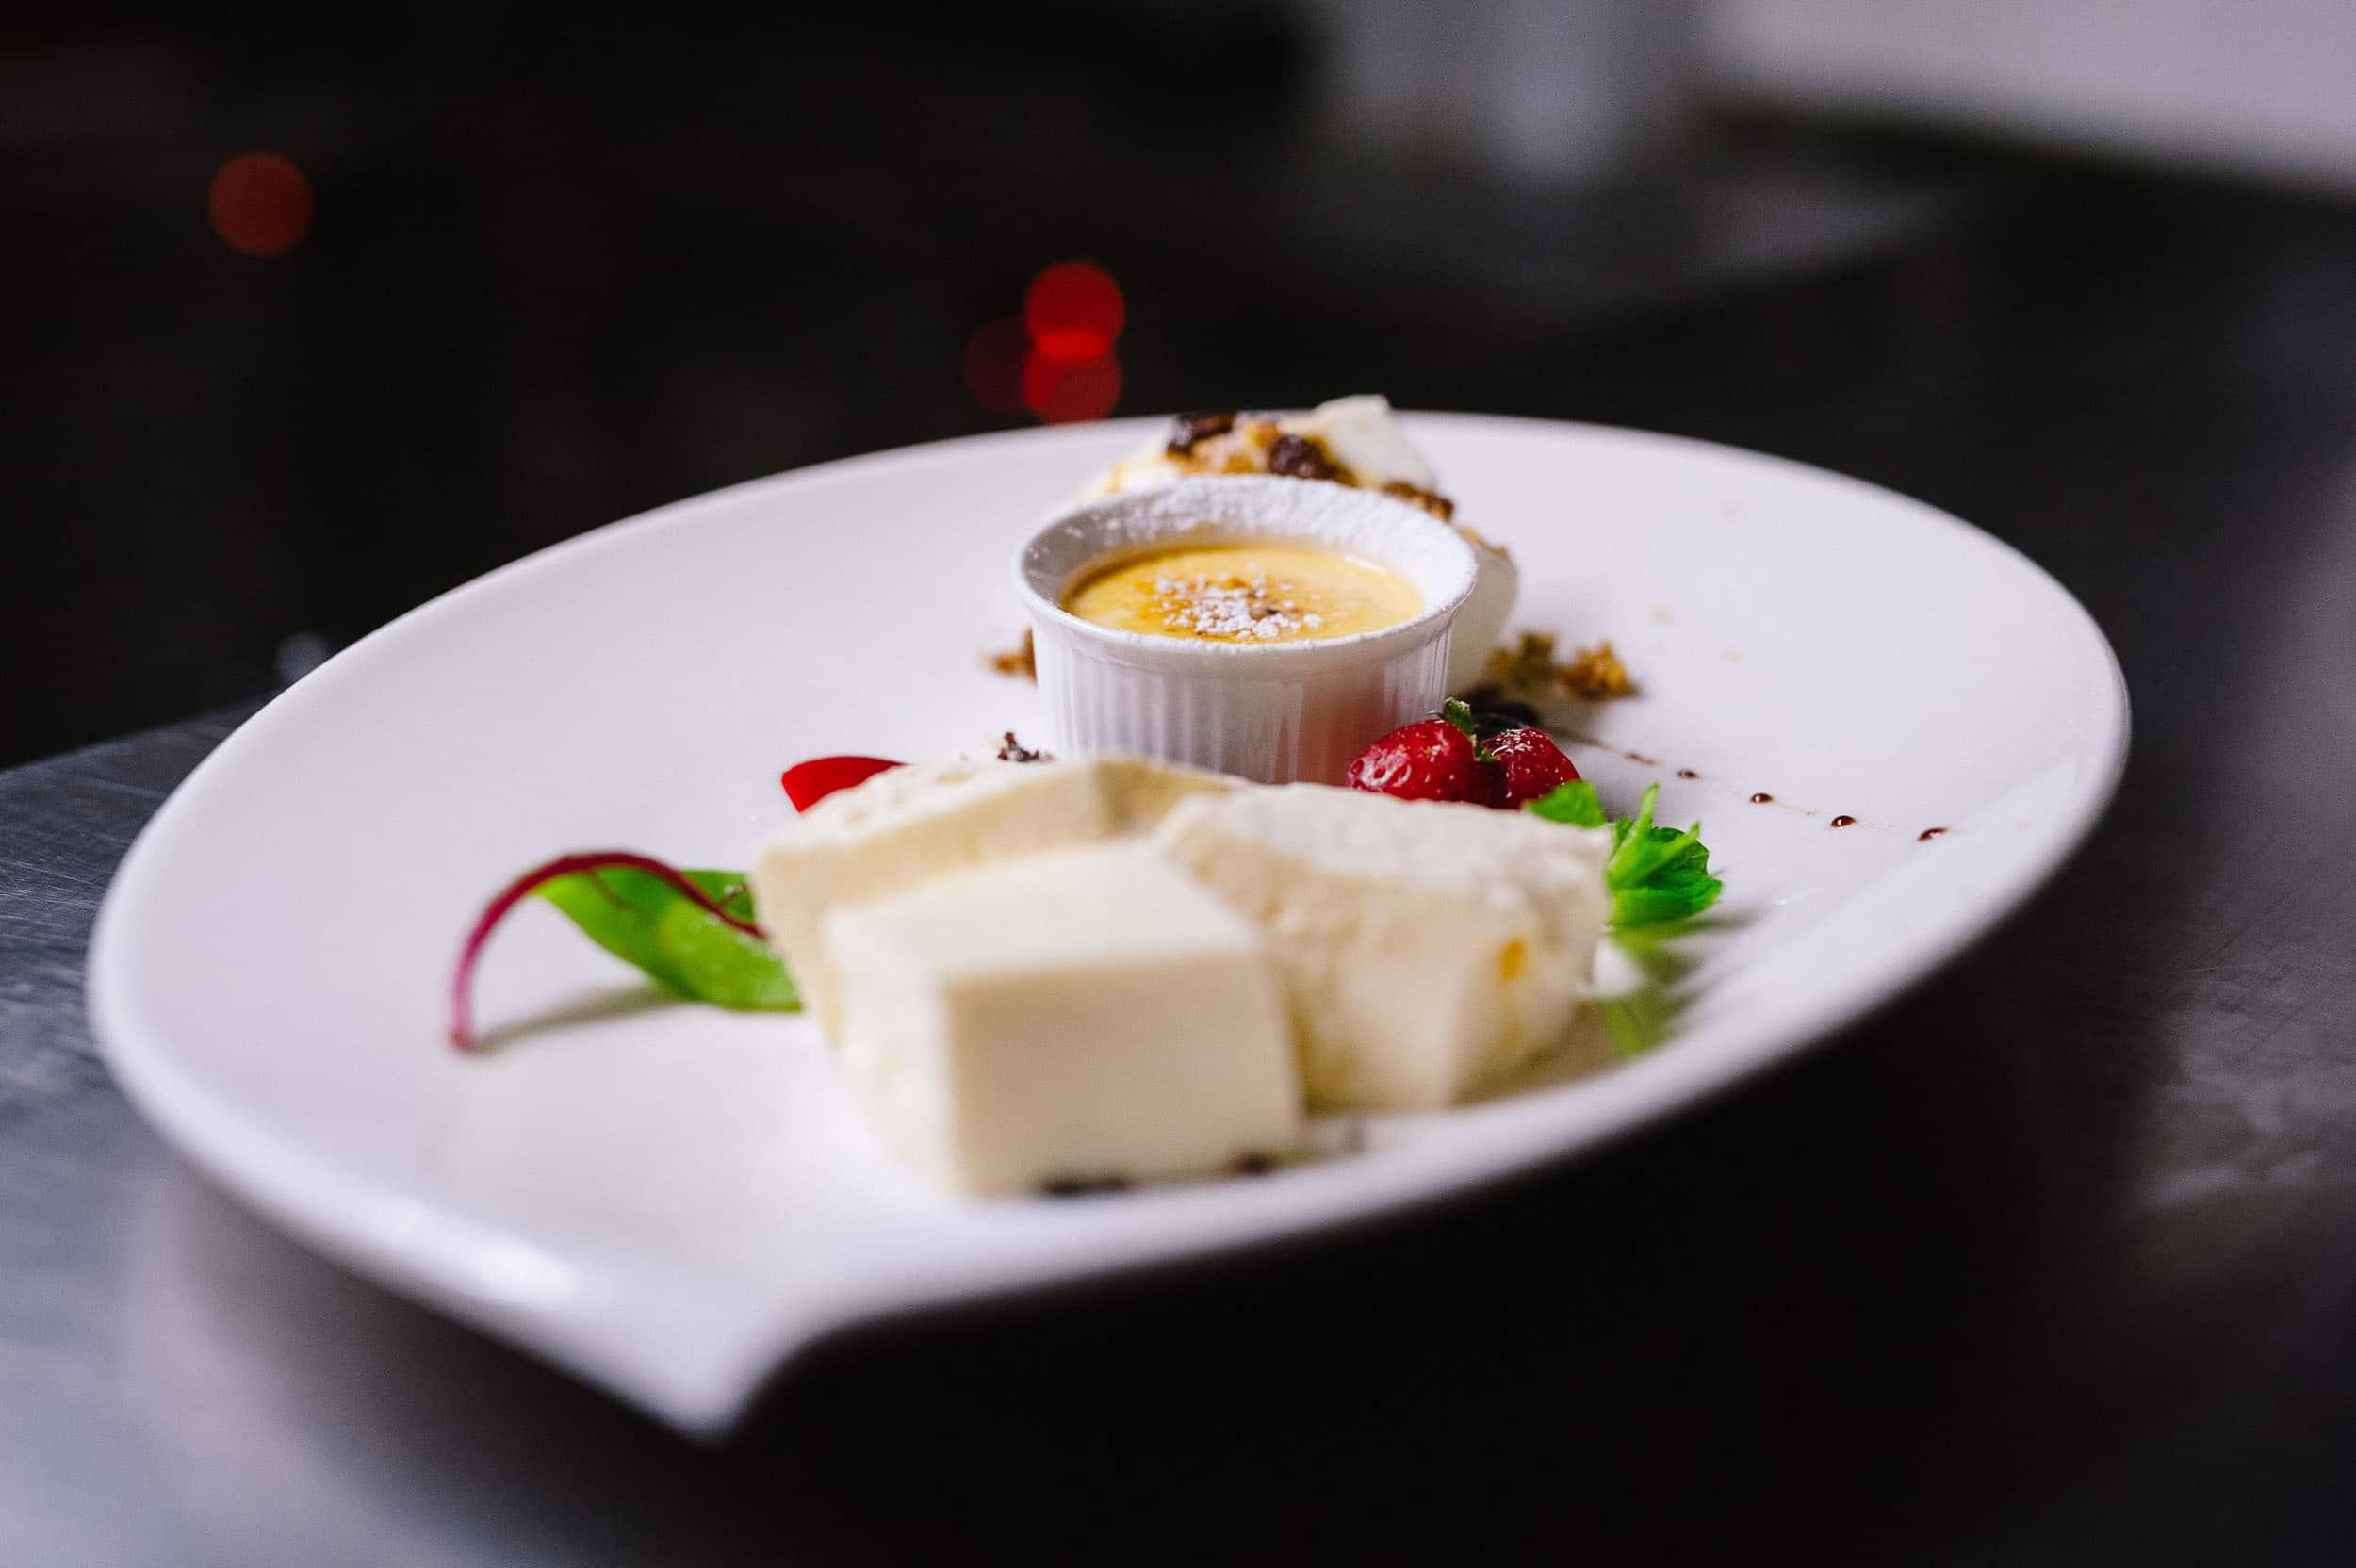 Stimmungsvolle Food Aufnahme eines kunstvoll arrangierten Dessert Tellers | Fotograf in der Region Osnabrück Münster Bielefeld für Foodfotografie